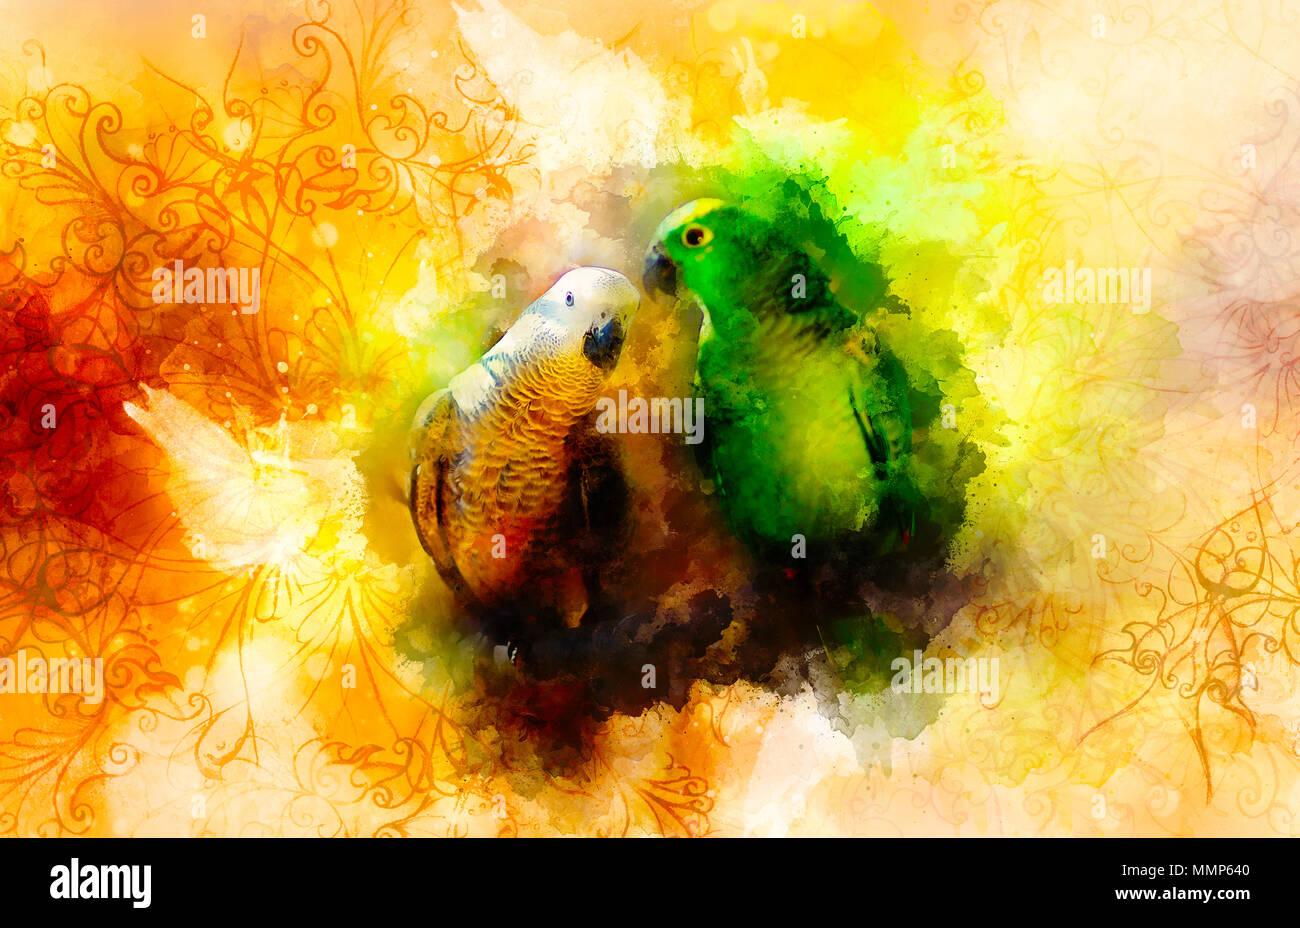 Parrot India Art Stock Photos & Parrot India Art Stock Images - Alamy